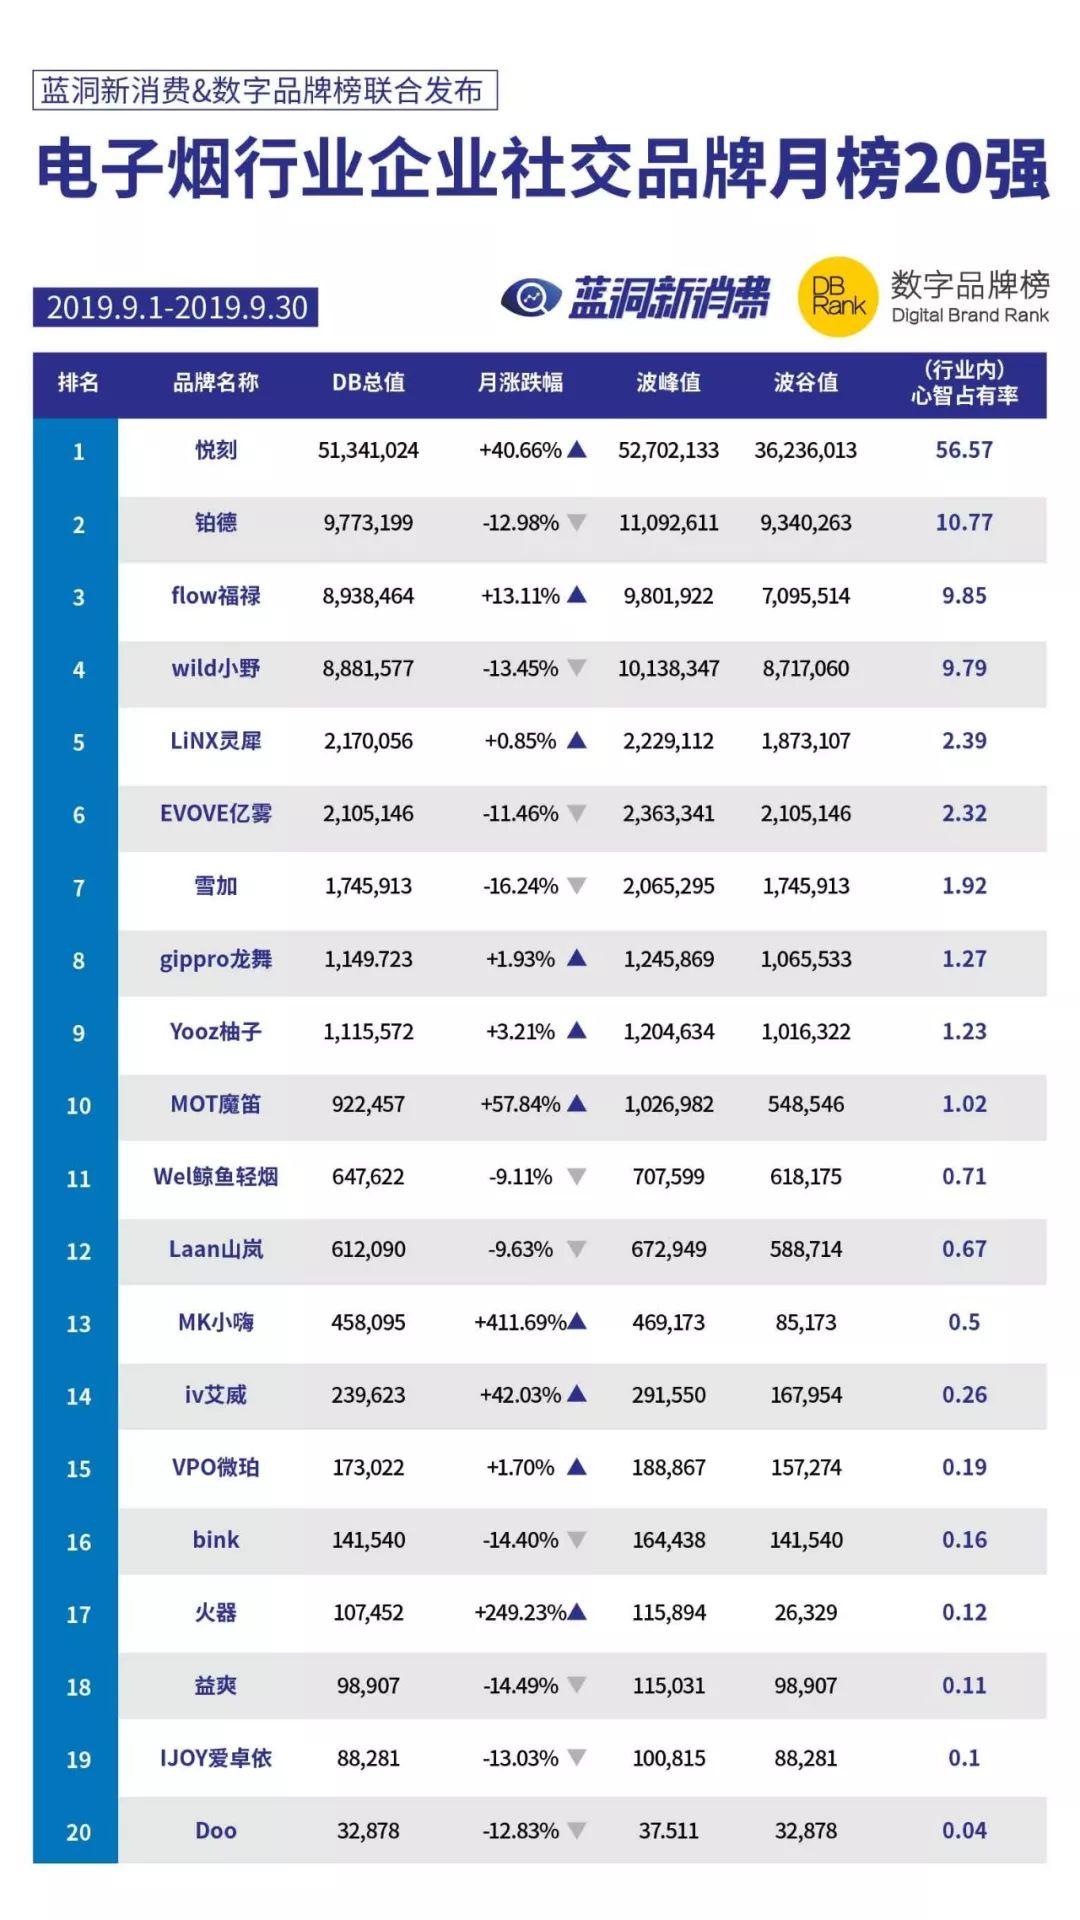 电子烟排行榜前8_2016电子烟排行榜前8强_电子烟排行榜前8强